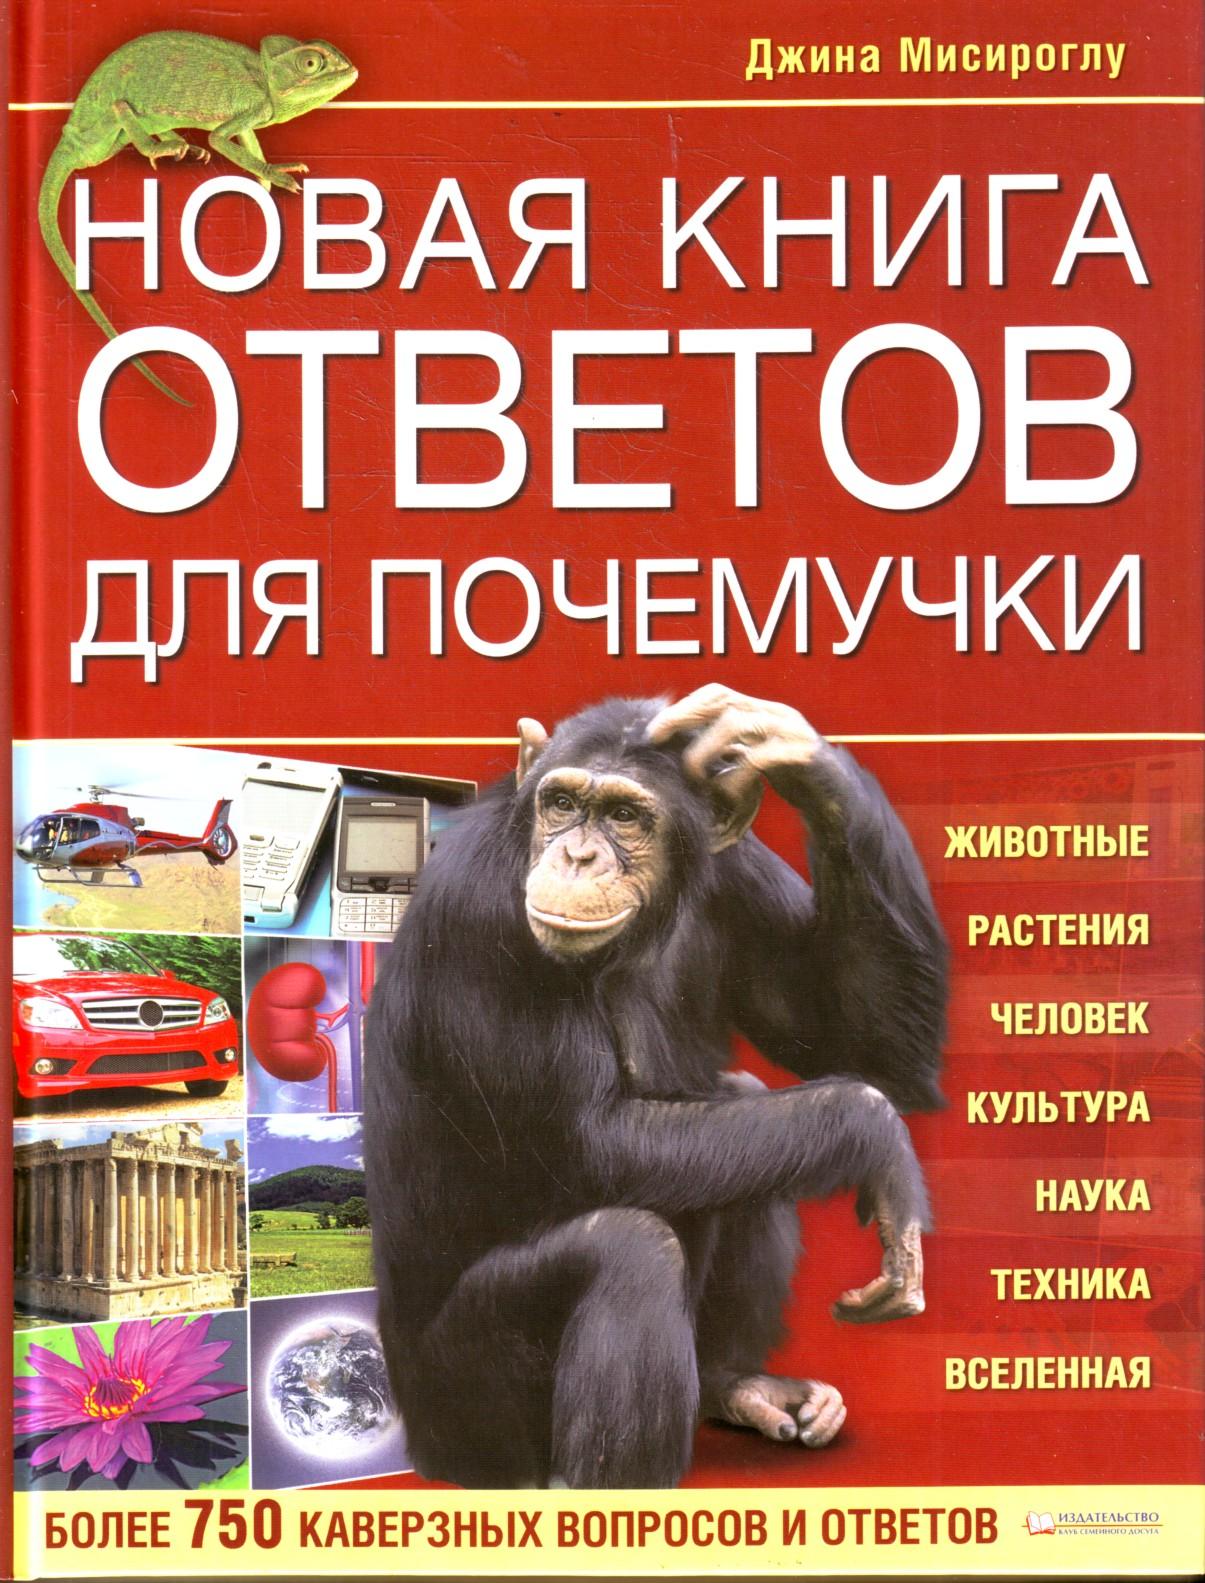 """Джина Мисироглу """"Новая книга ответов для почемучки"""""""